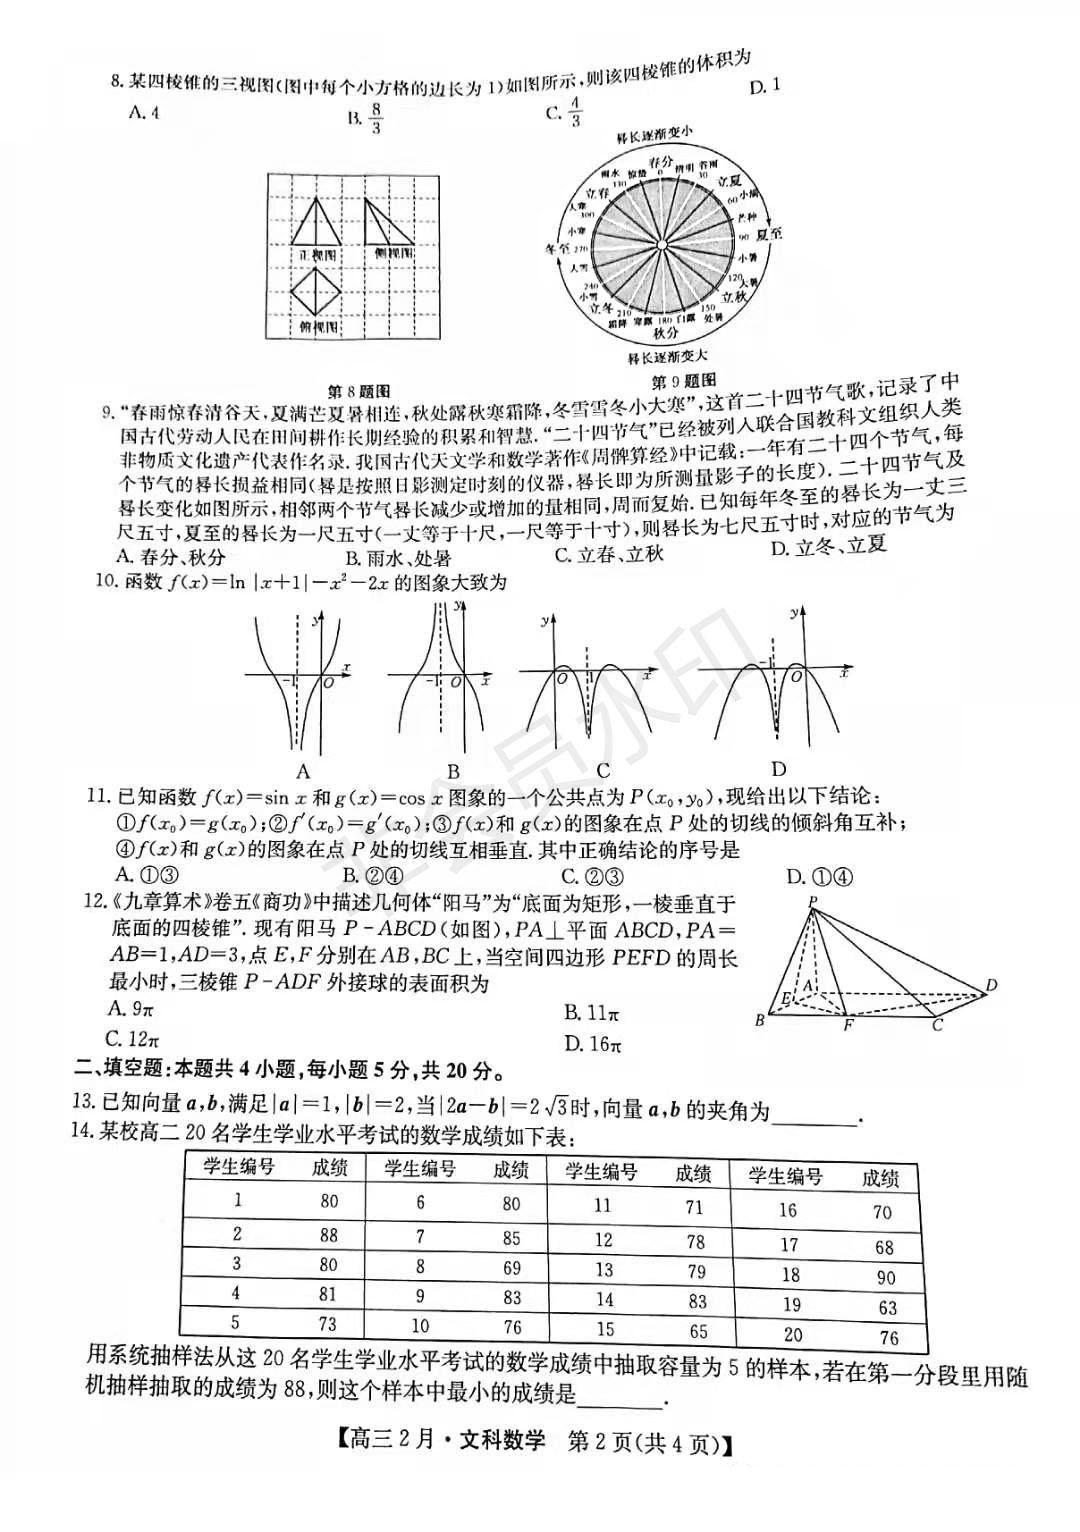 2021届河南省九师联盟高三下学期二月联考数学文试卷及答案图2